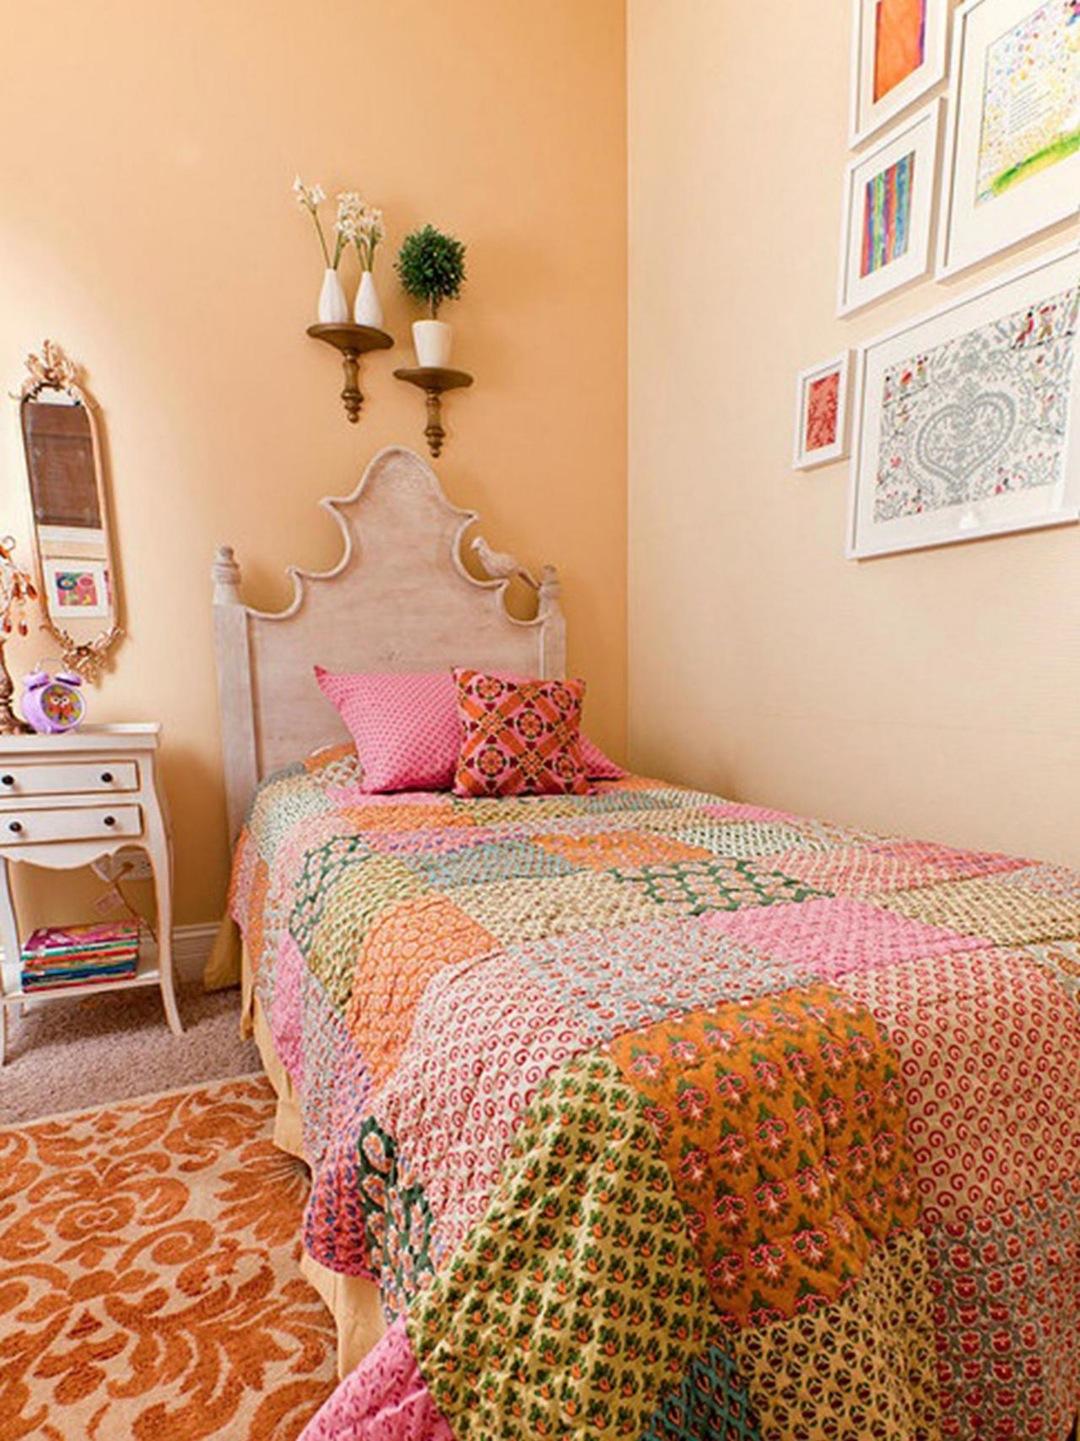 Персиковый цвет штукатурки в интерьере